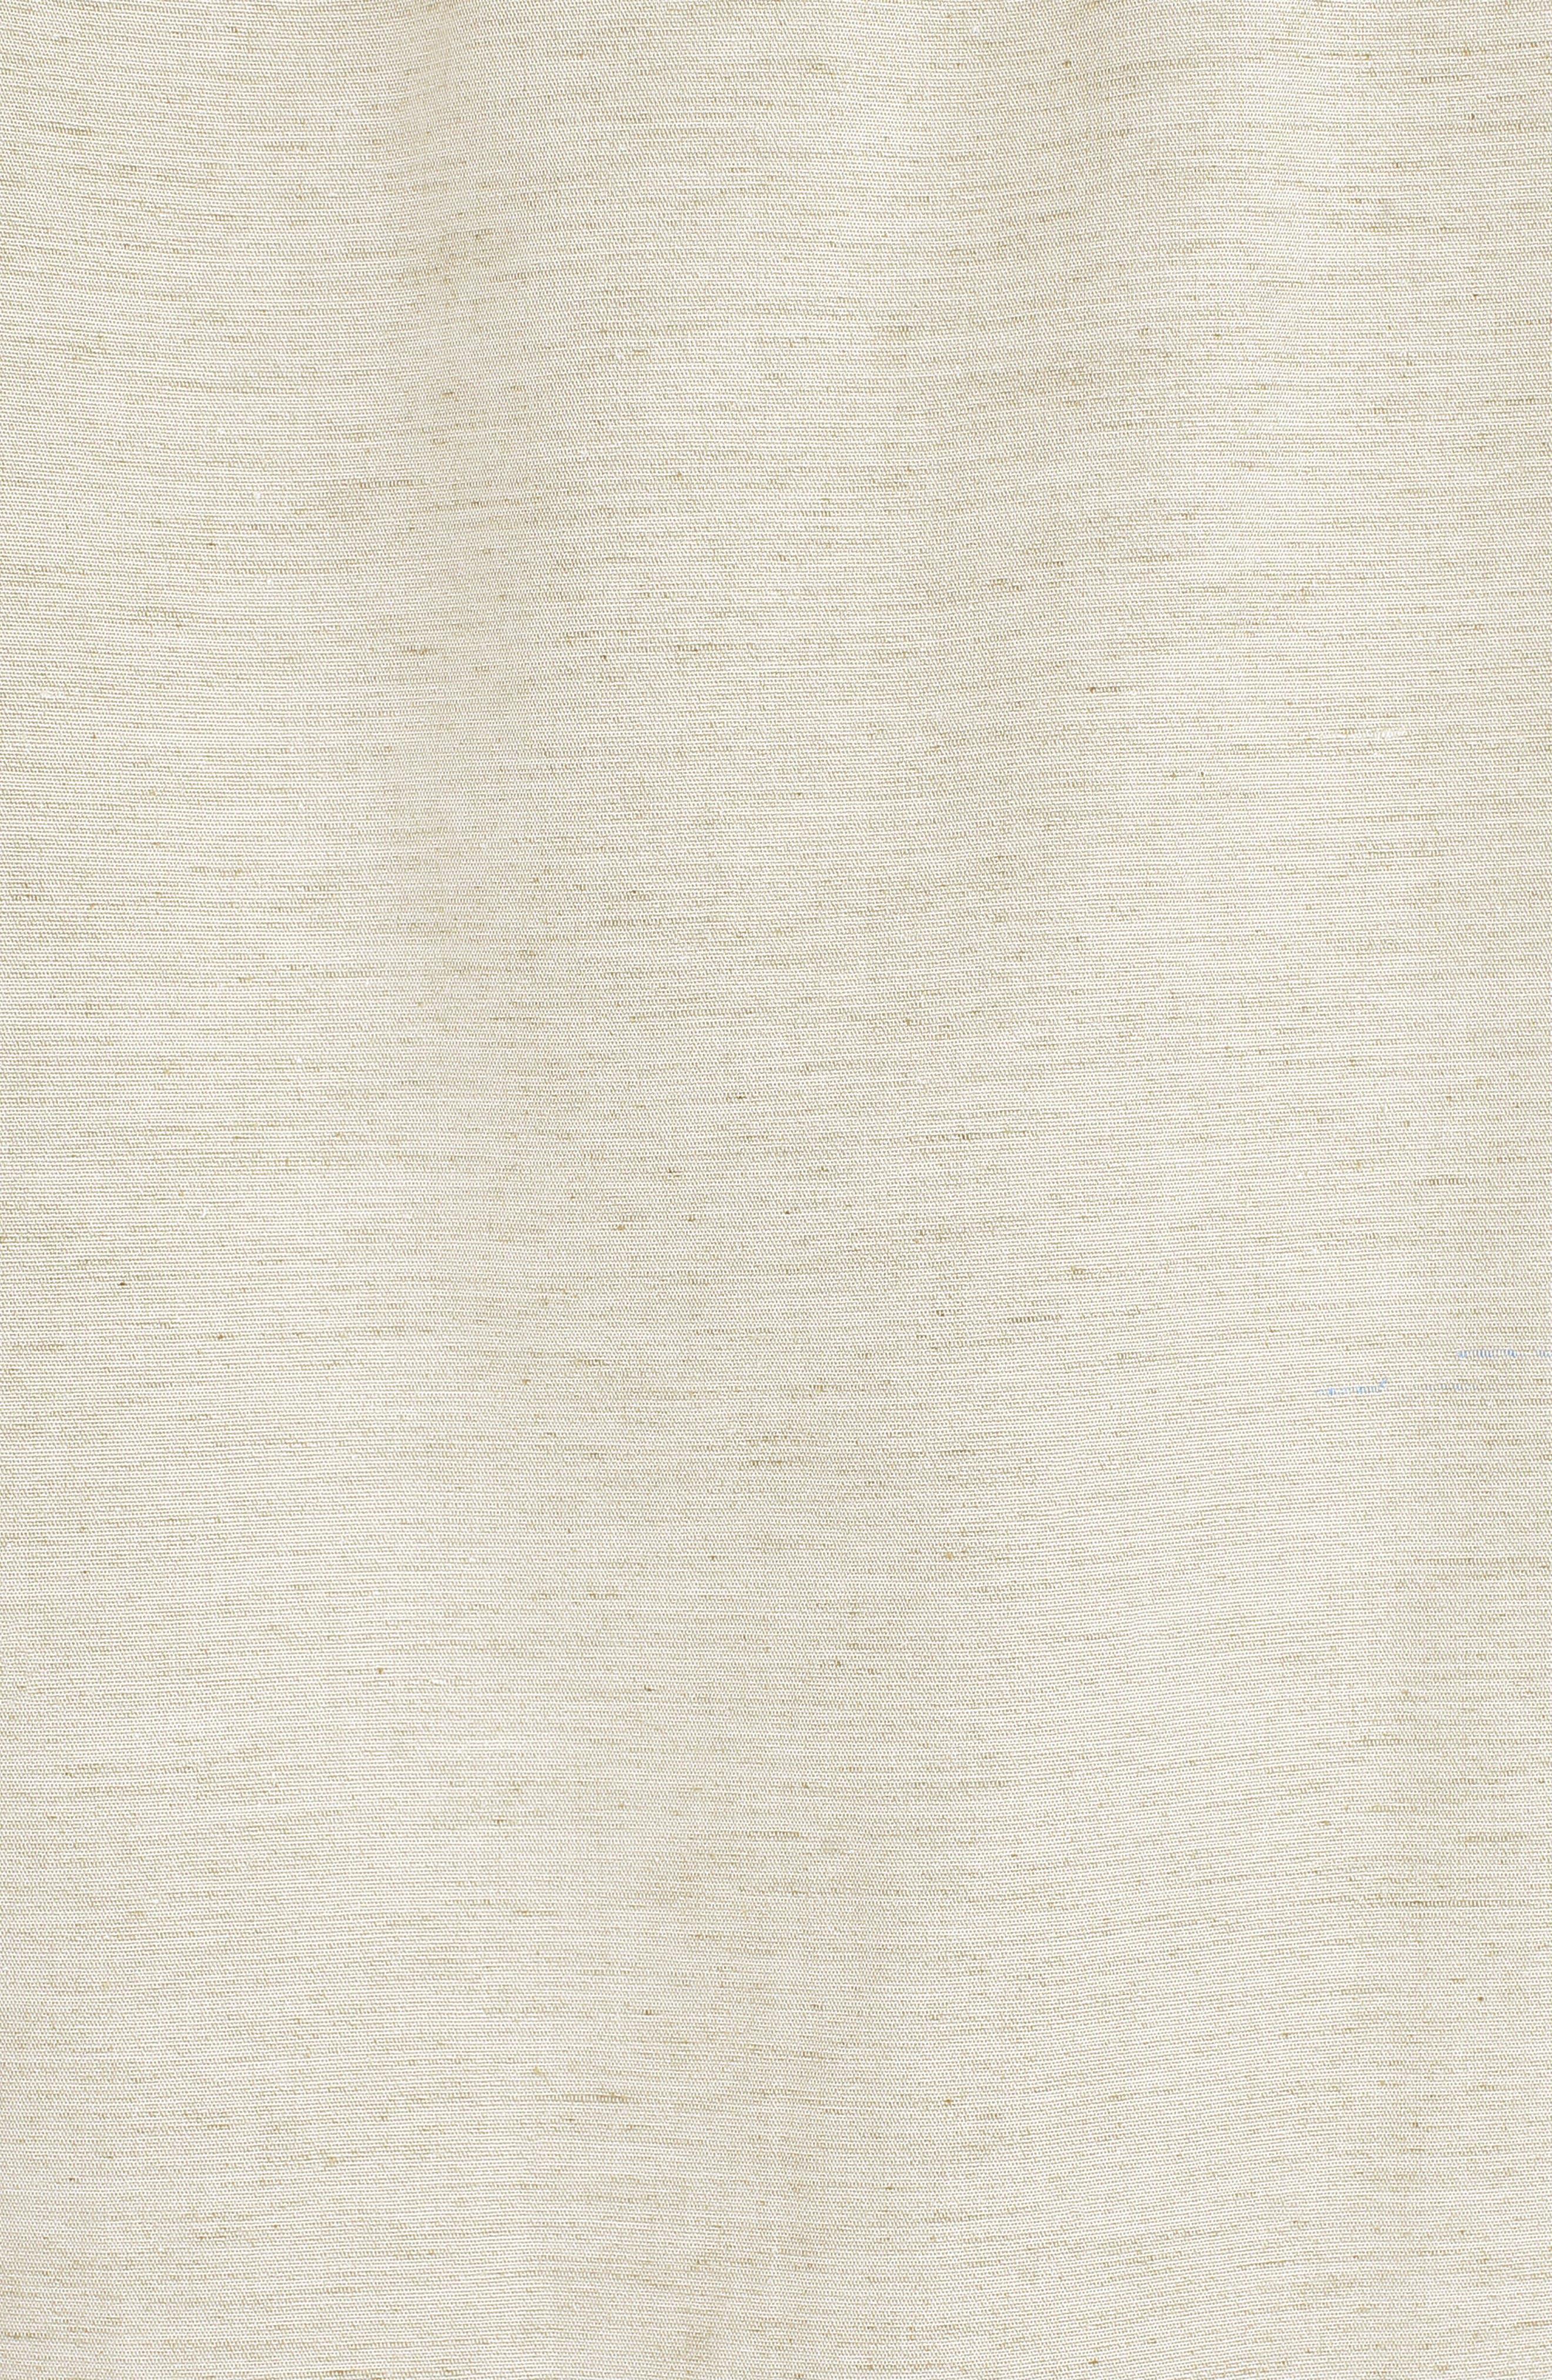 Triumph Woven Shirt,                             Alternate thumbnail 5, color,                             250